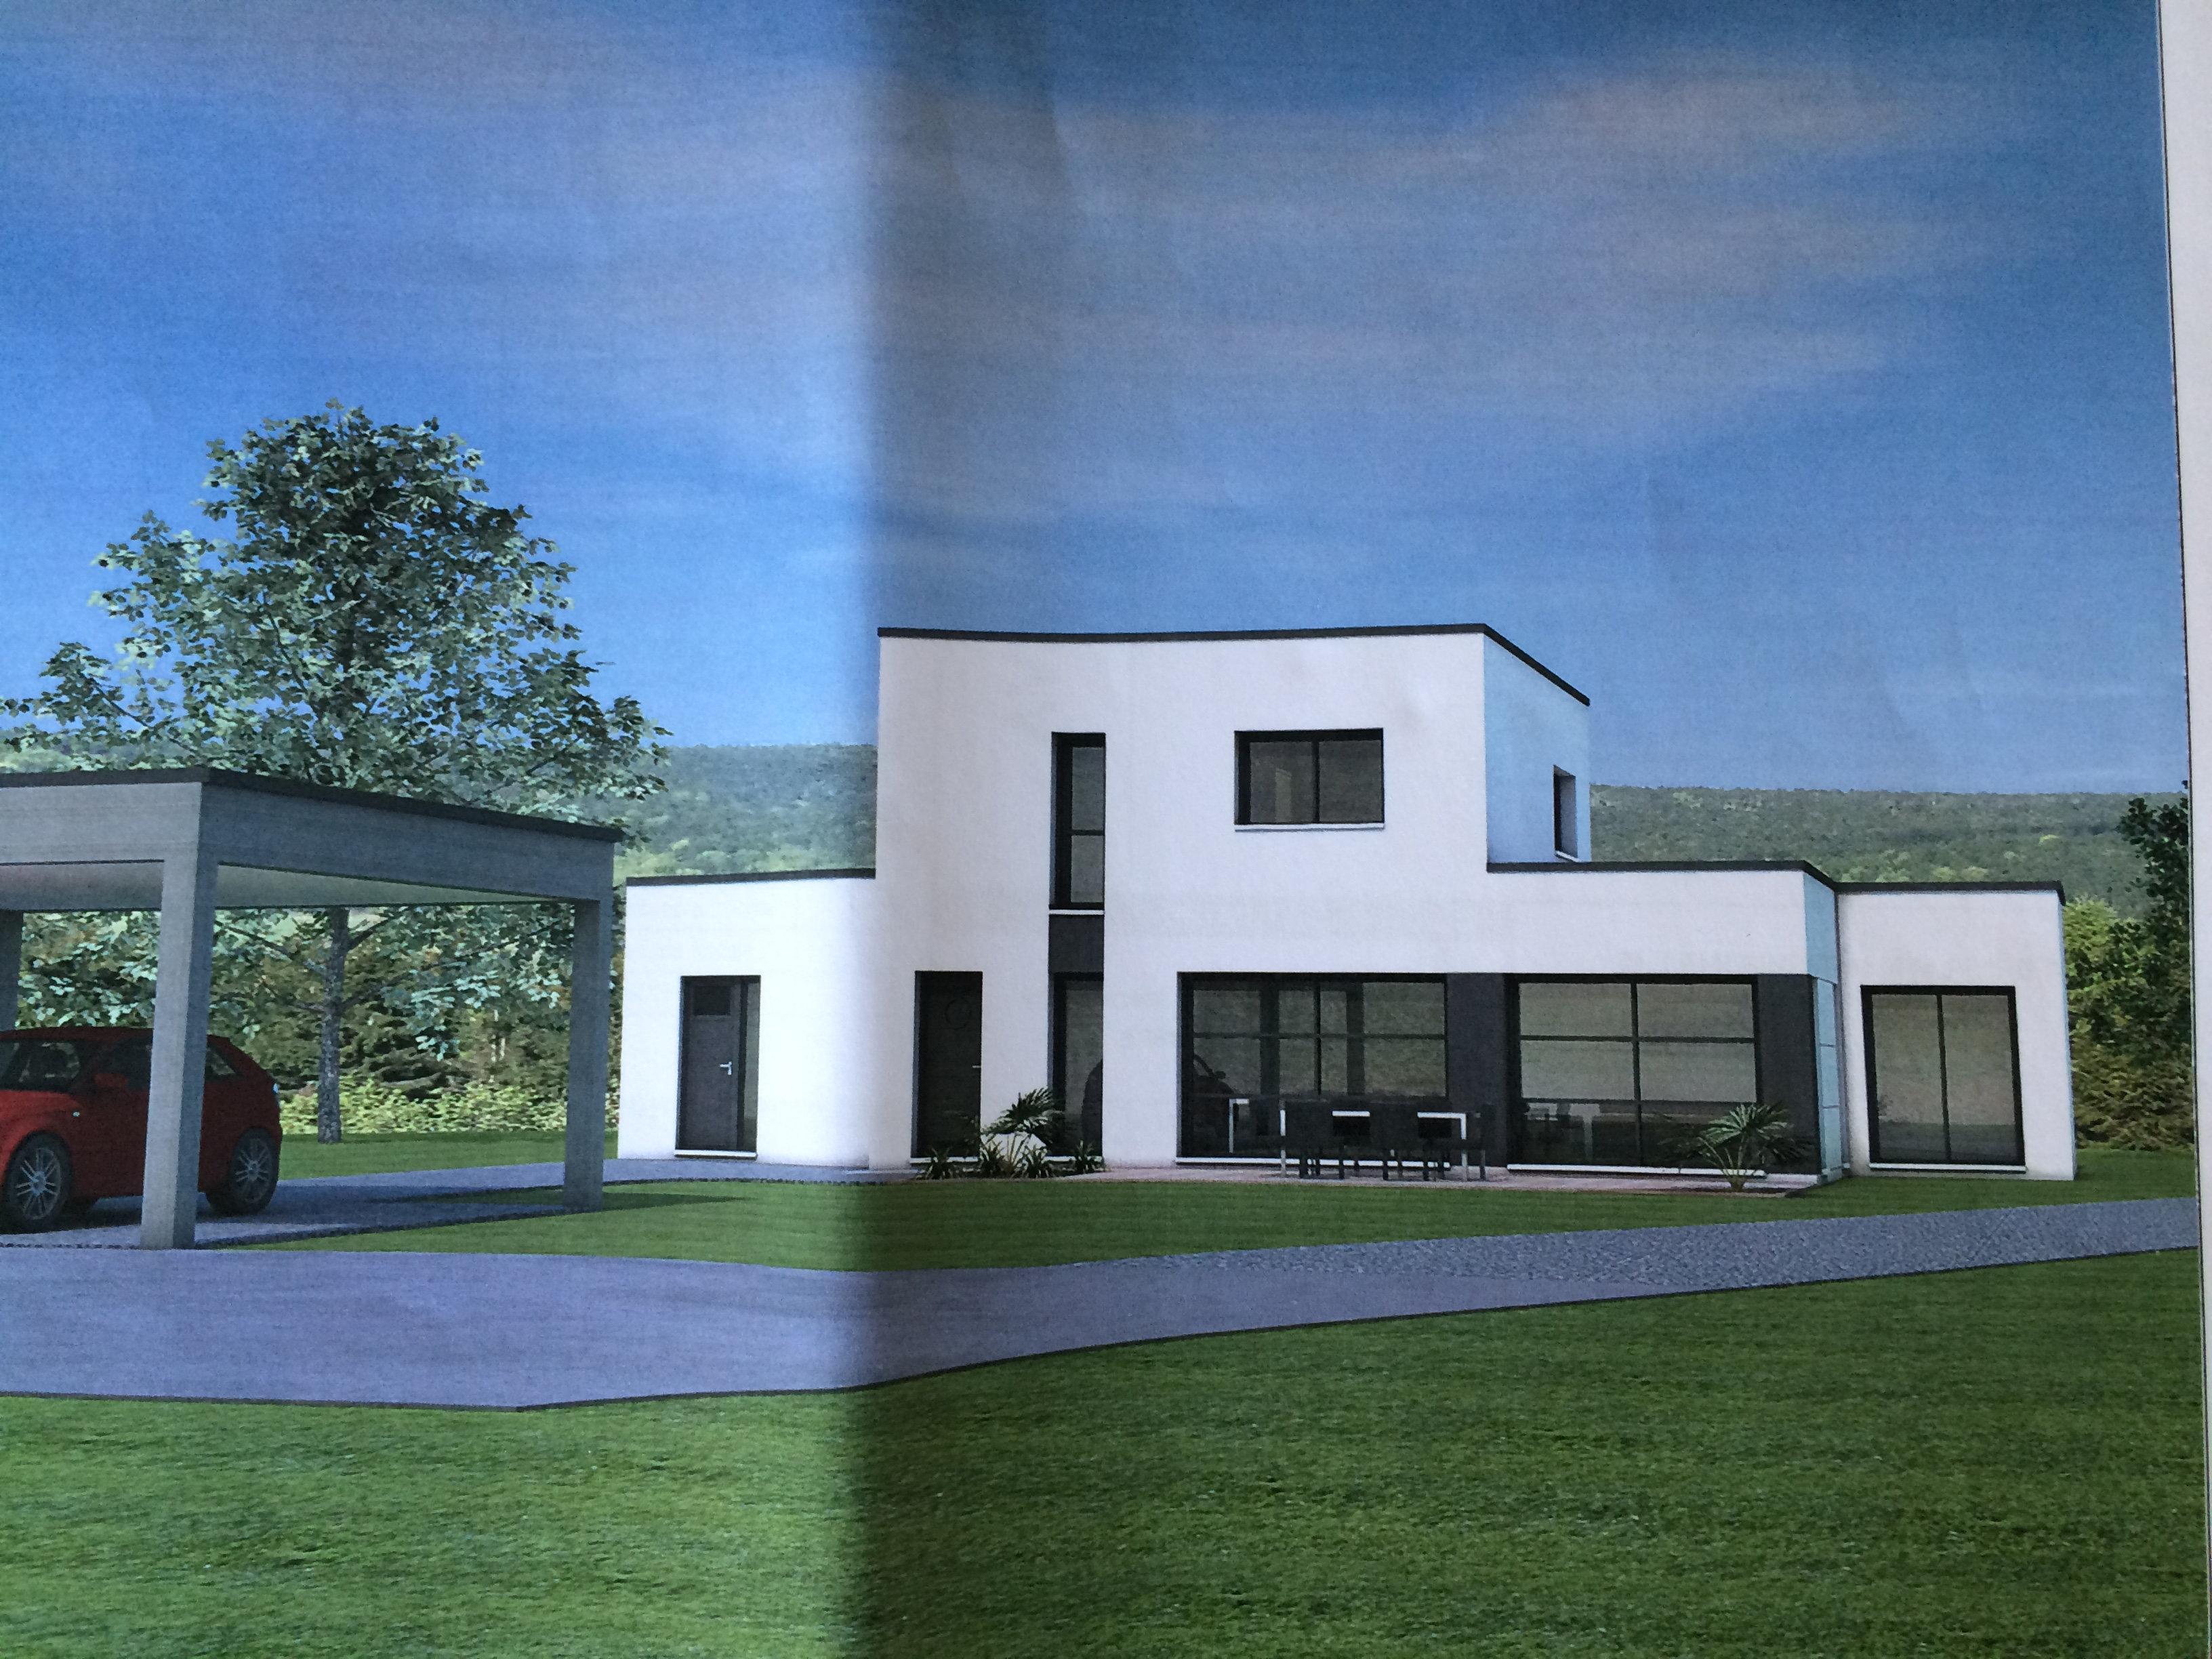 forum sur les constructeurs de maisons individuelles ventana blog. Black Bedroom Furniture Sets. Home Design Ideas